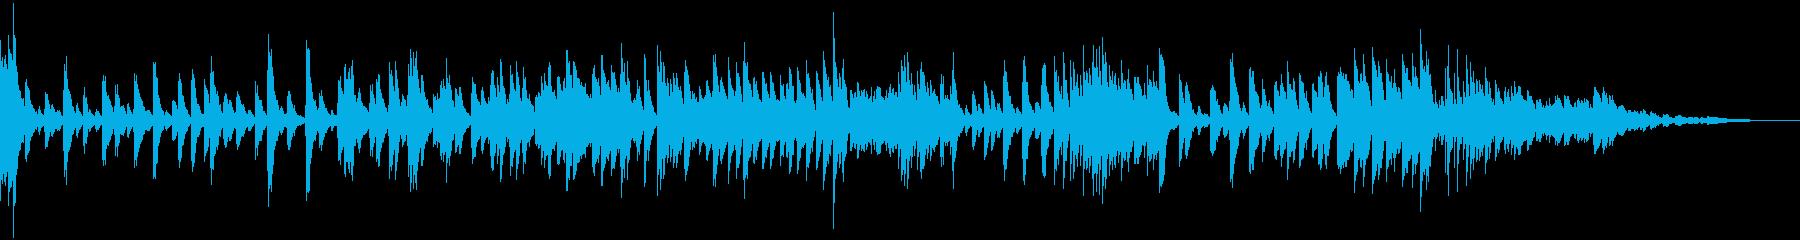 トゲトゲ攻撃的、好戦的なピアノ曲の再生済みの波形